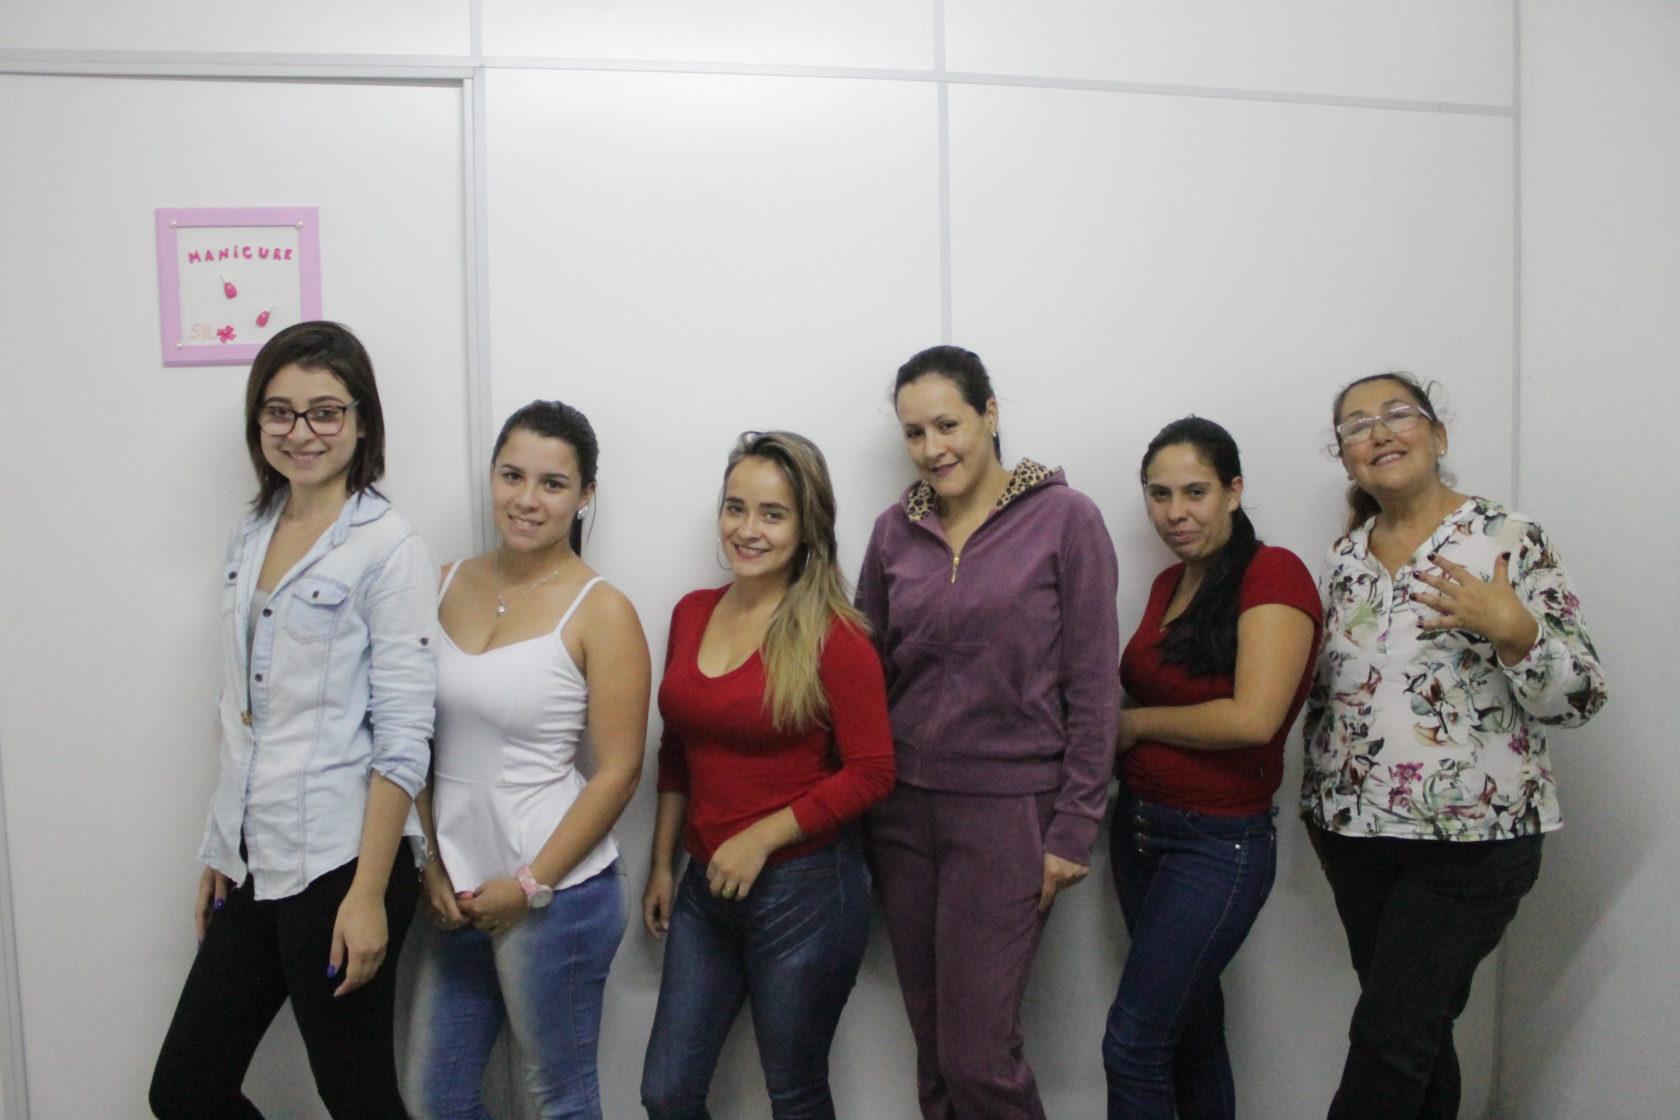 No Dia da Manicure, Prefeitura de Itararé (SP) homenageia profissionais dedicados a cuidar da autoestima da população